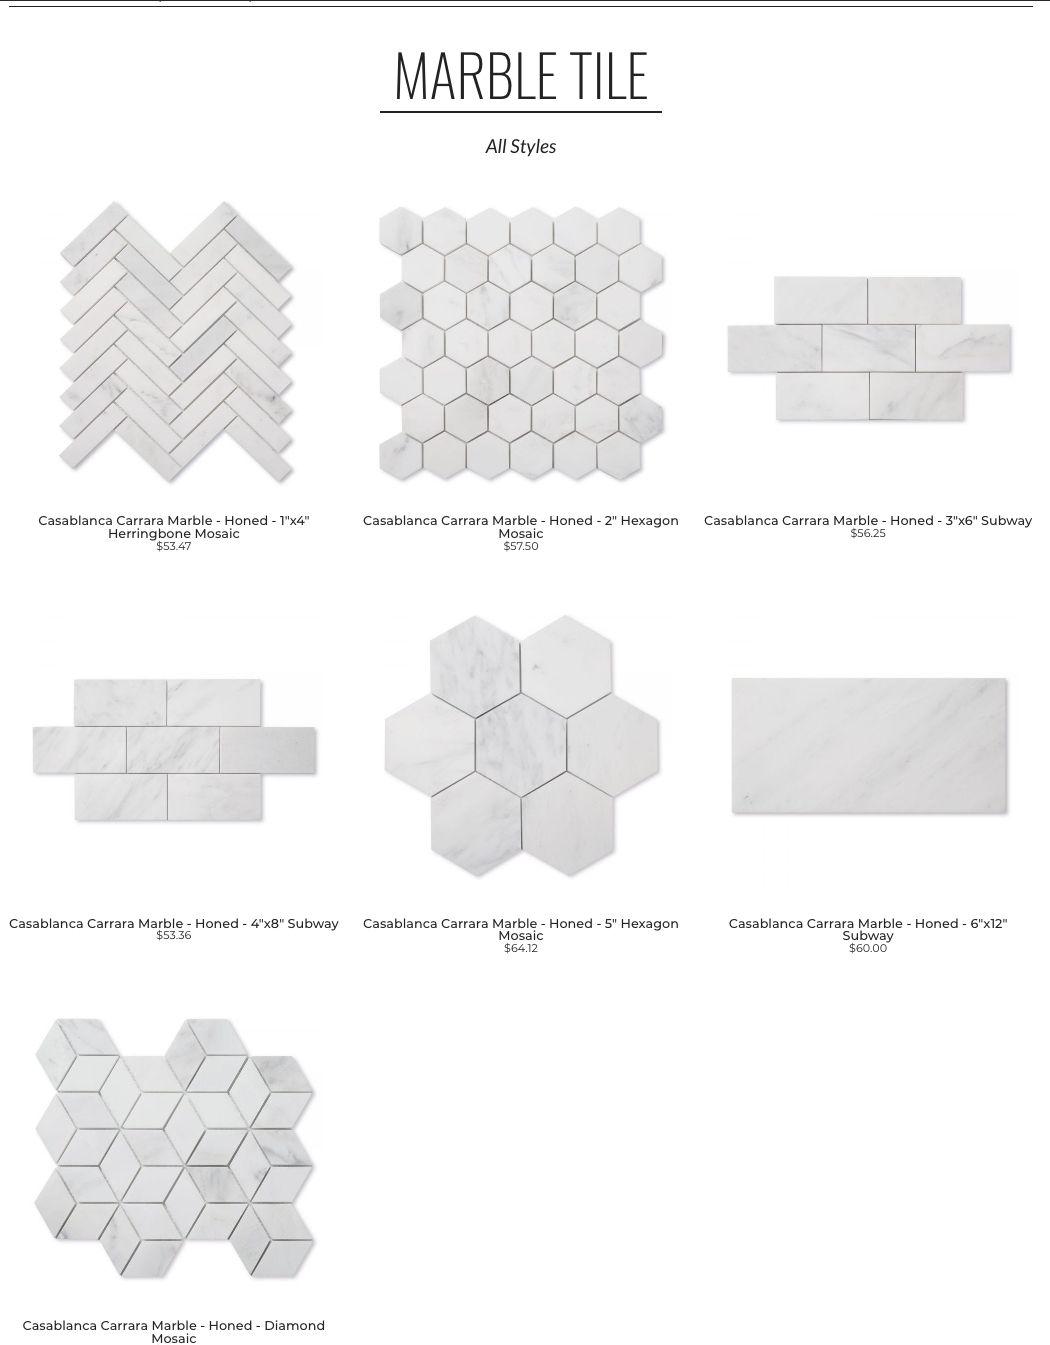 Riad Tile Casablanca Carrara Hexagonal Mosaic Diamond Tile Cement Tile